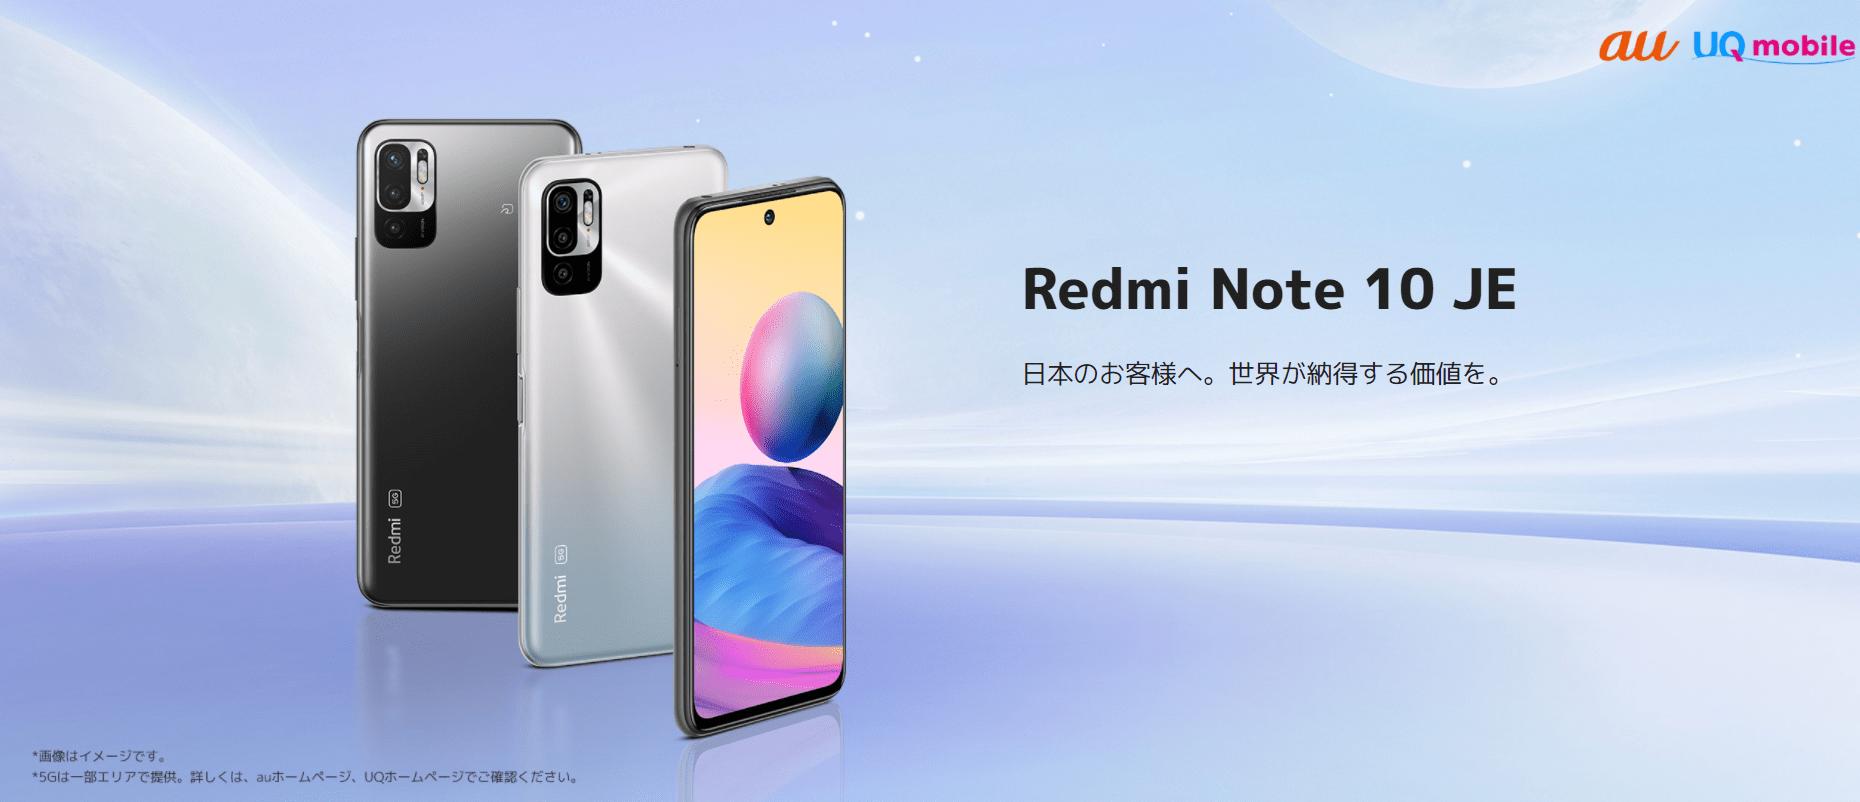 イオシスでRedmi Note 10 JE XIG02が販売中、未使用品が19,800円(税込)